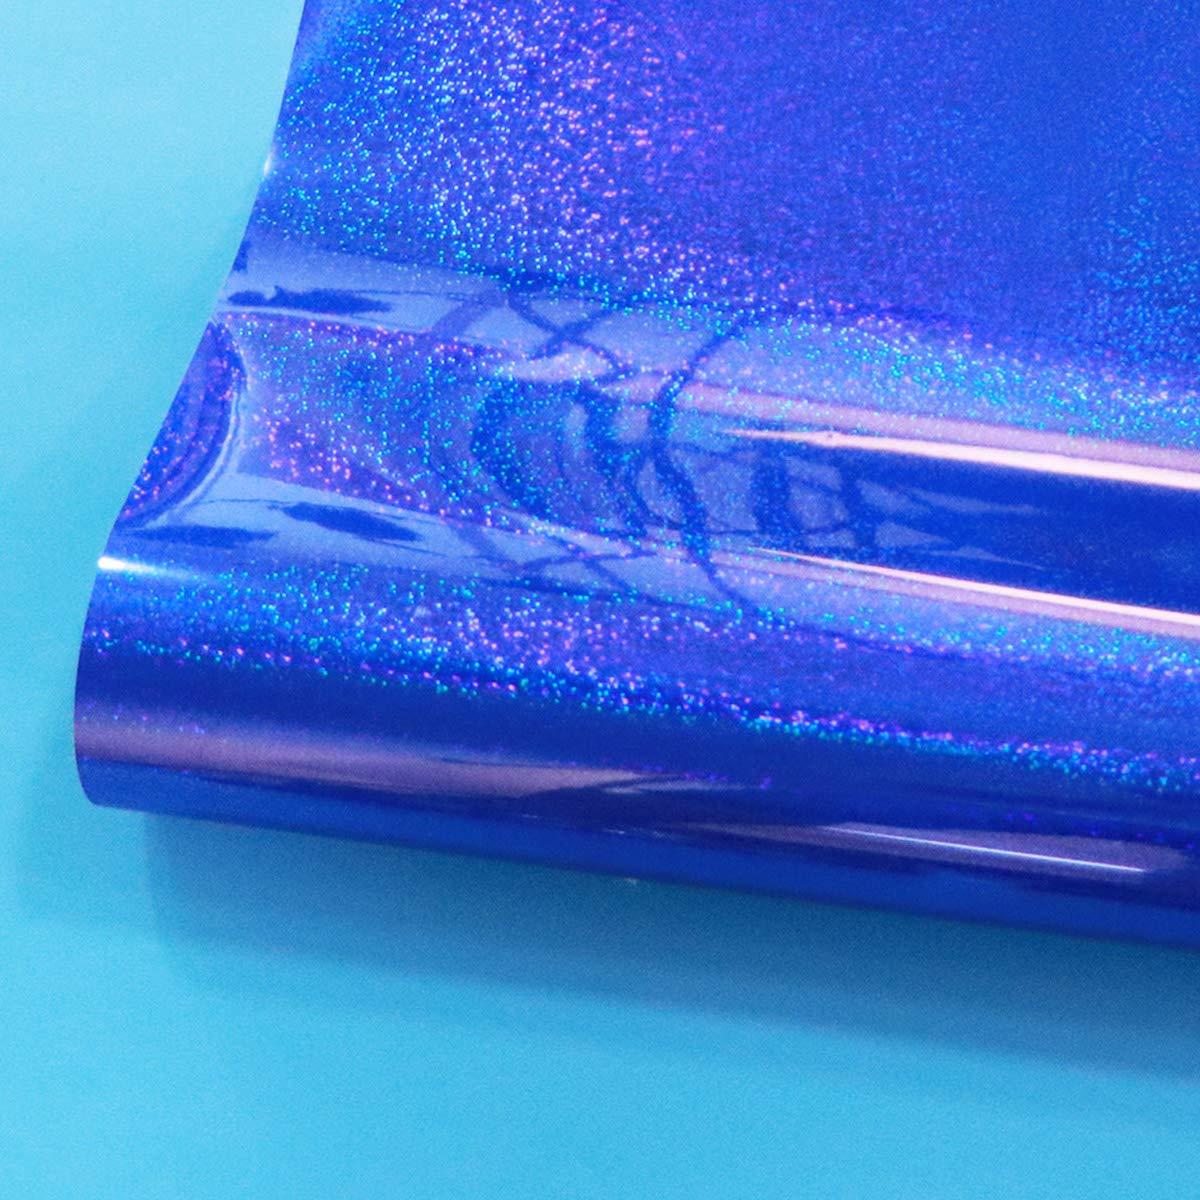 SUPVOX Rollo de vinilo de transferencia de calor Película de estampado de calor HTV para prendas de vestir de la camiseta Bolsas de lona y otras telas de color azul: Amazon.es: Hogar